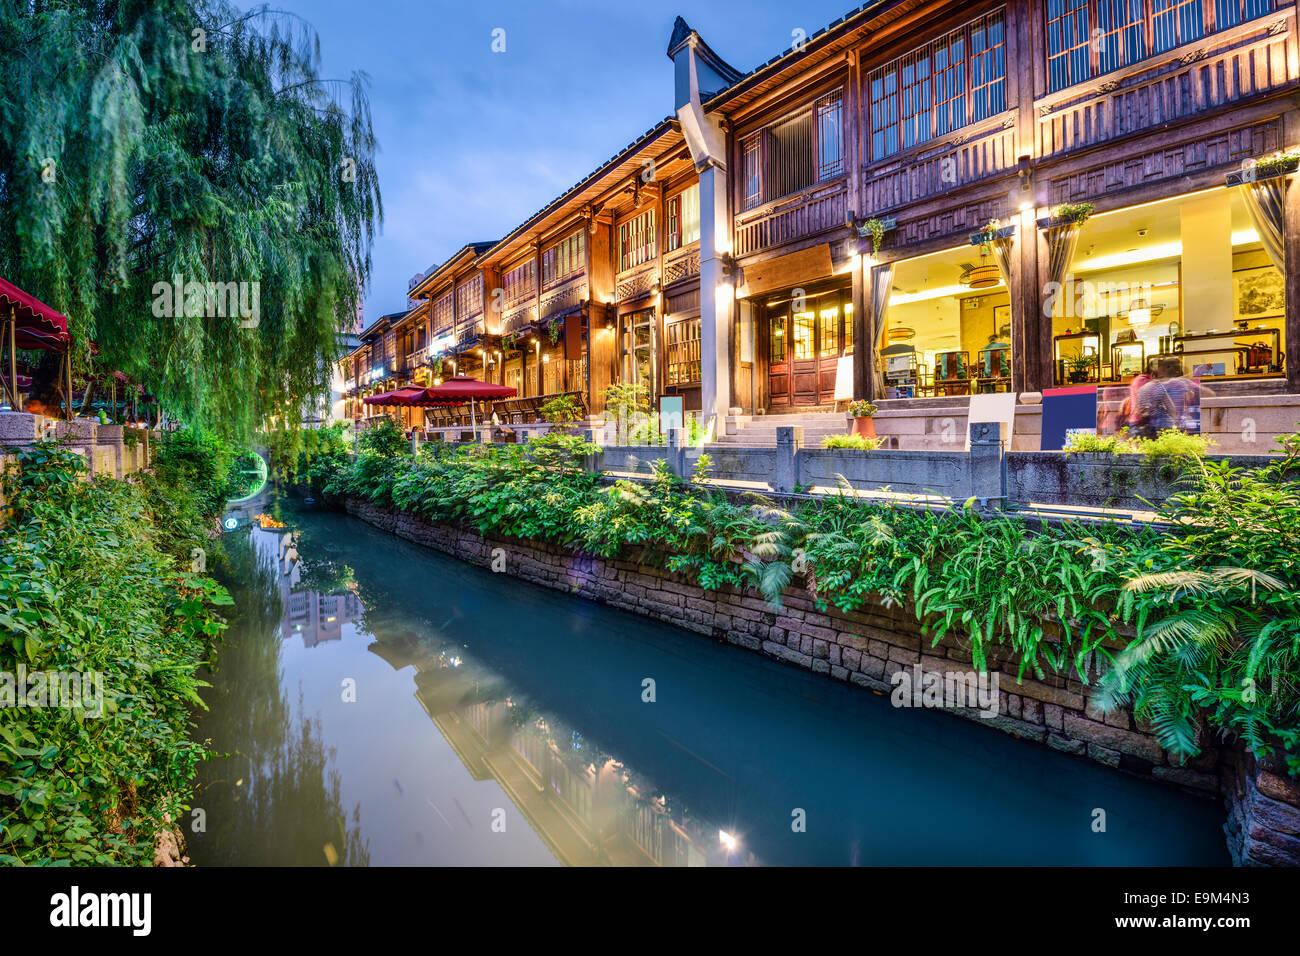 Fuzhou, China en tres carriles siete callejones tradicionales del distrito de compras. Imagen De Stock